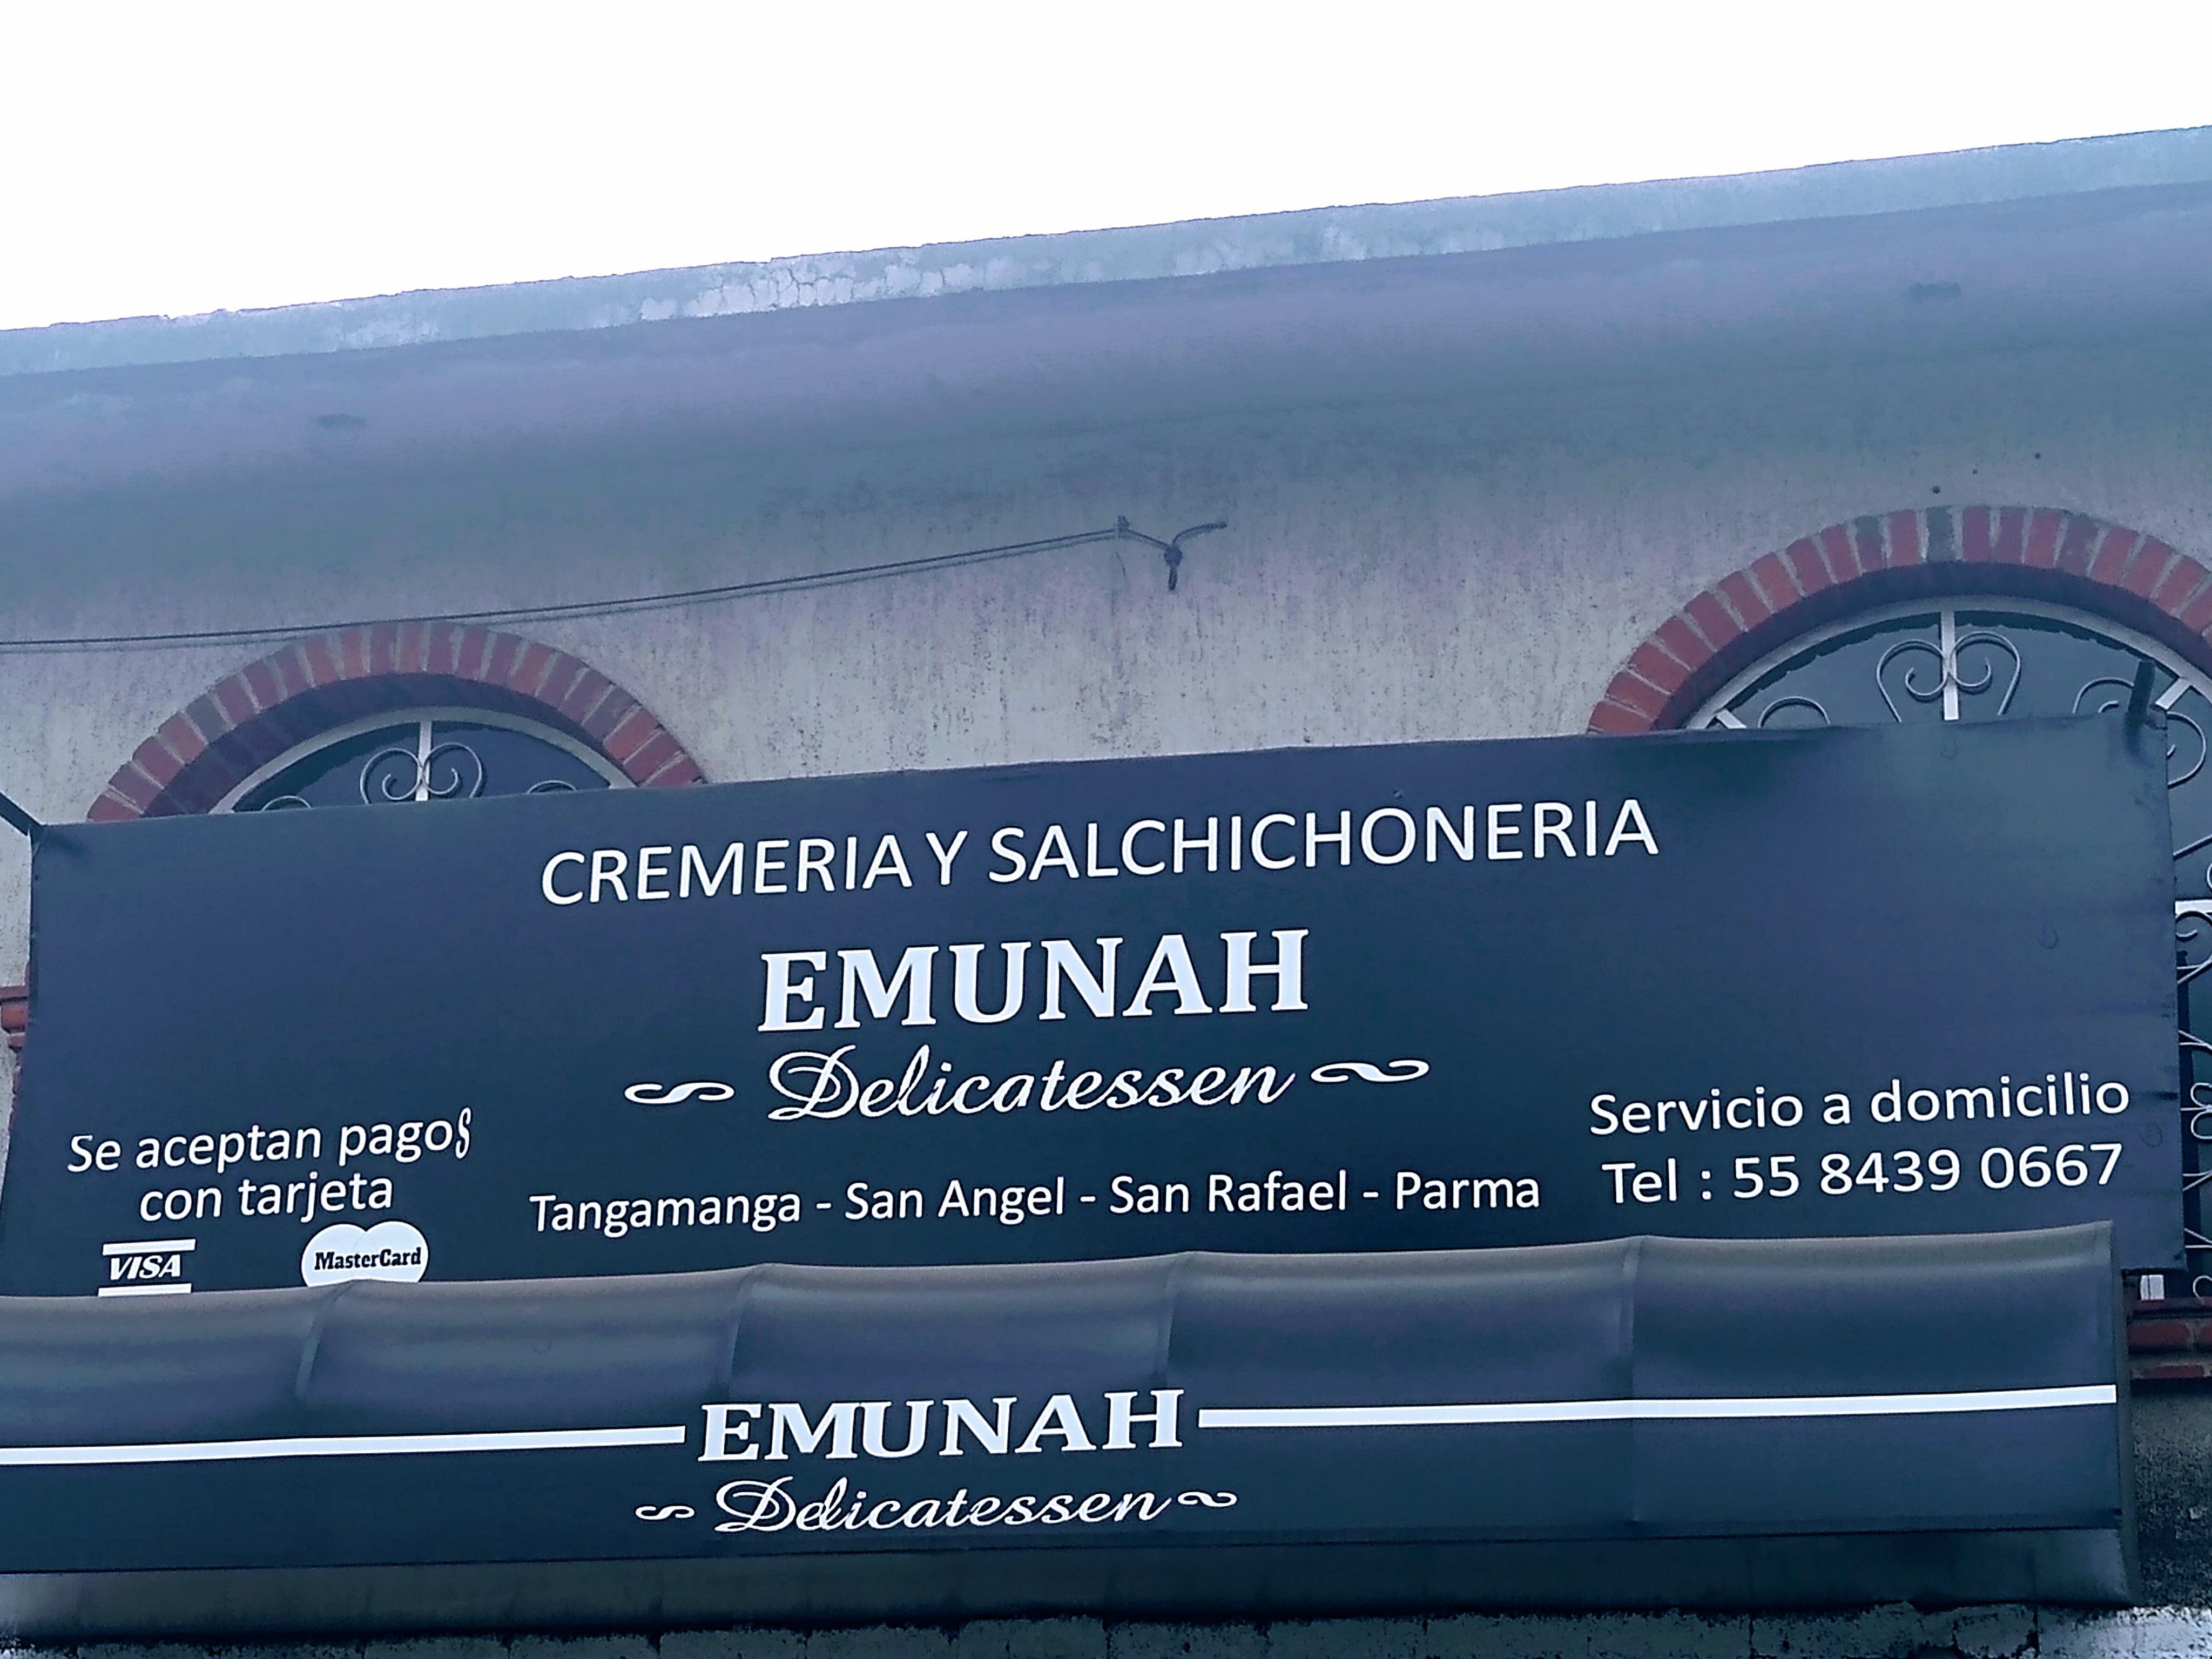 CREMERIA Y SALCHICHONERIA EMUNAH